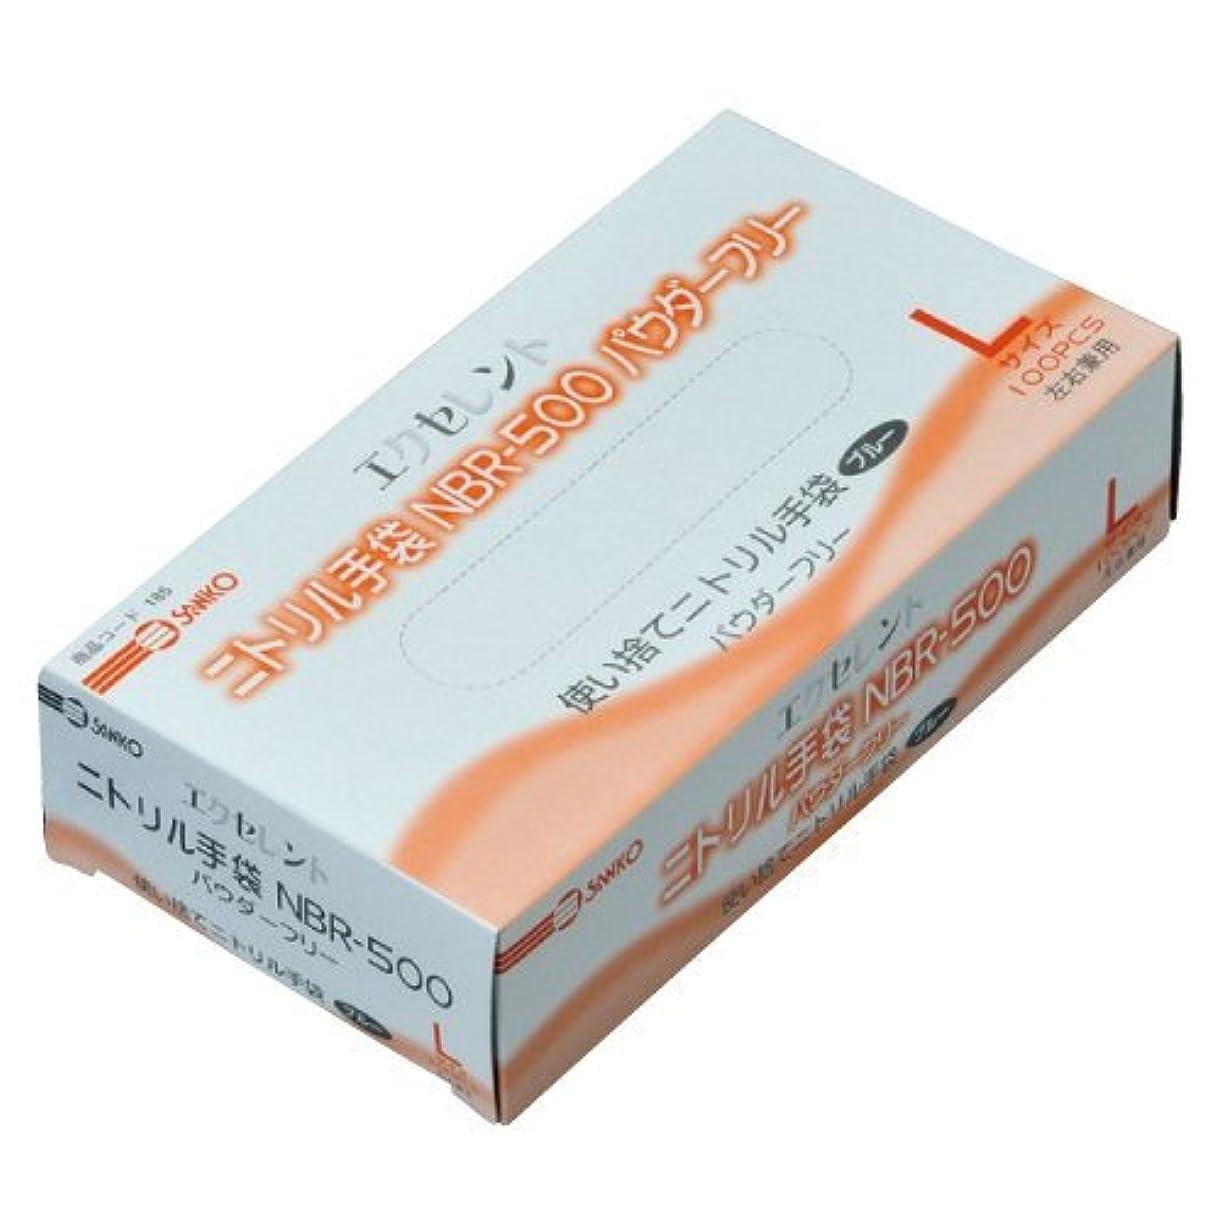 性的ロマンスメロドラマエクセレントニトリル手袋NBR-500パウダーフリー L カラー:ブルー 1箱(100枚)×20箱